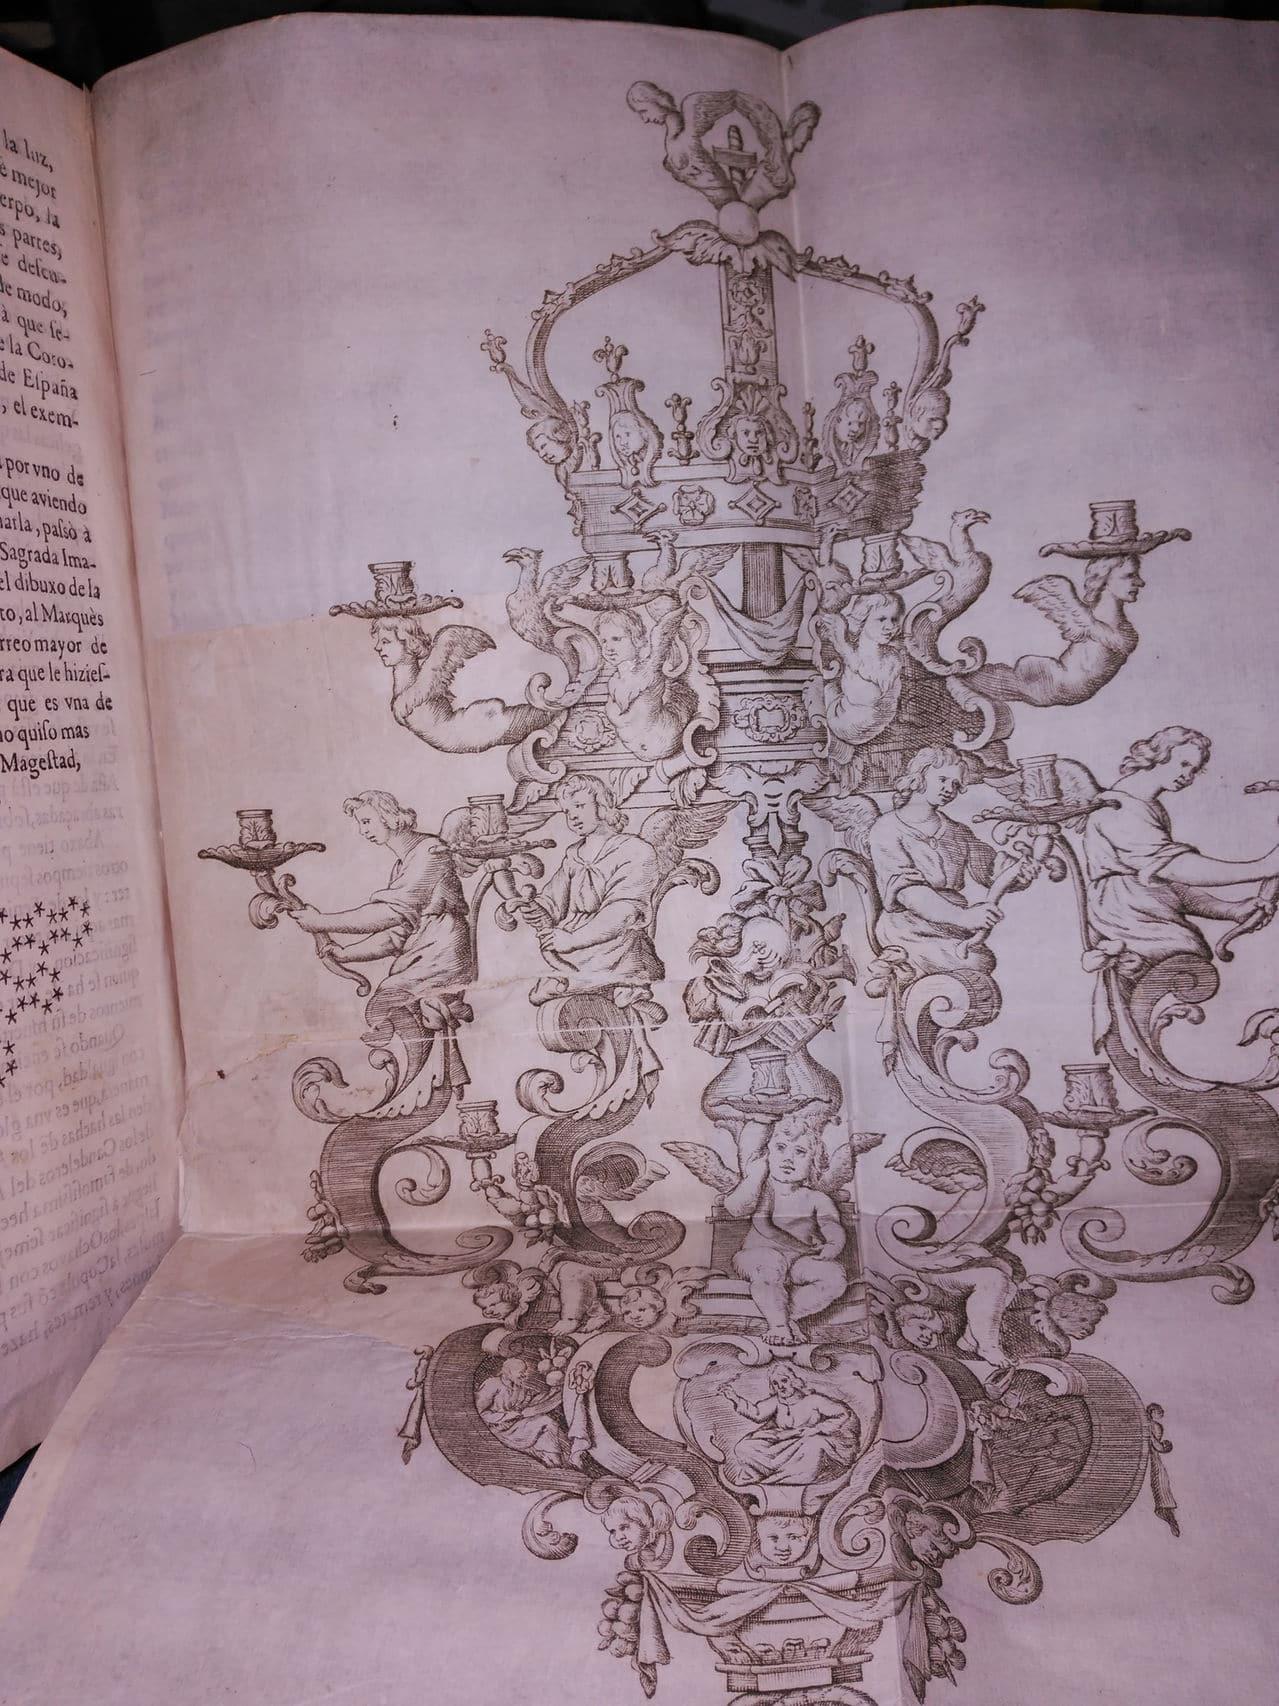 Libro sobre el Real Monasterio de San Lorenzo de el Escorial. Dedicado a Marqués de la Ensenada. Restauracion_y_refuero_antiguo_lamina_delante2